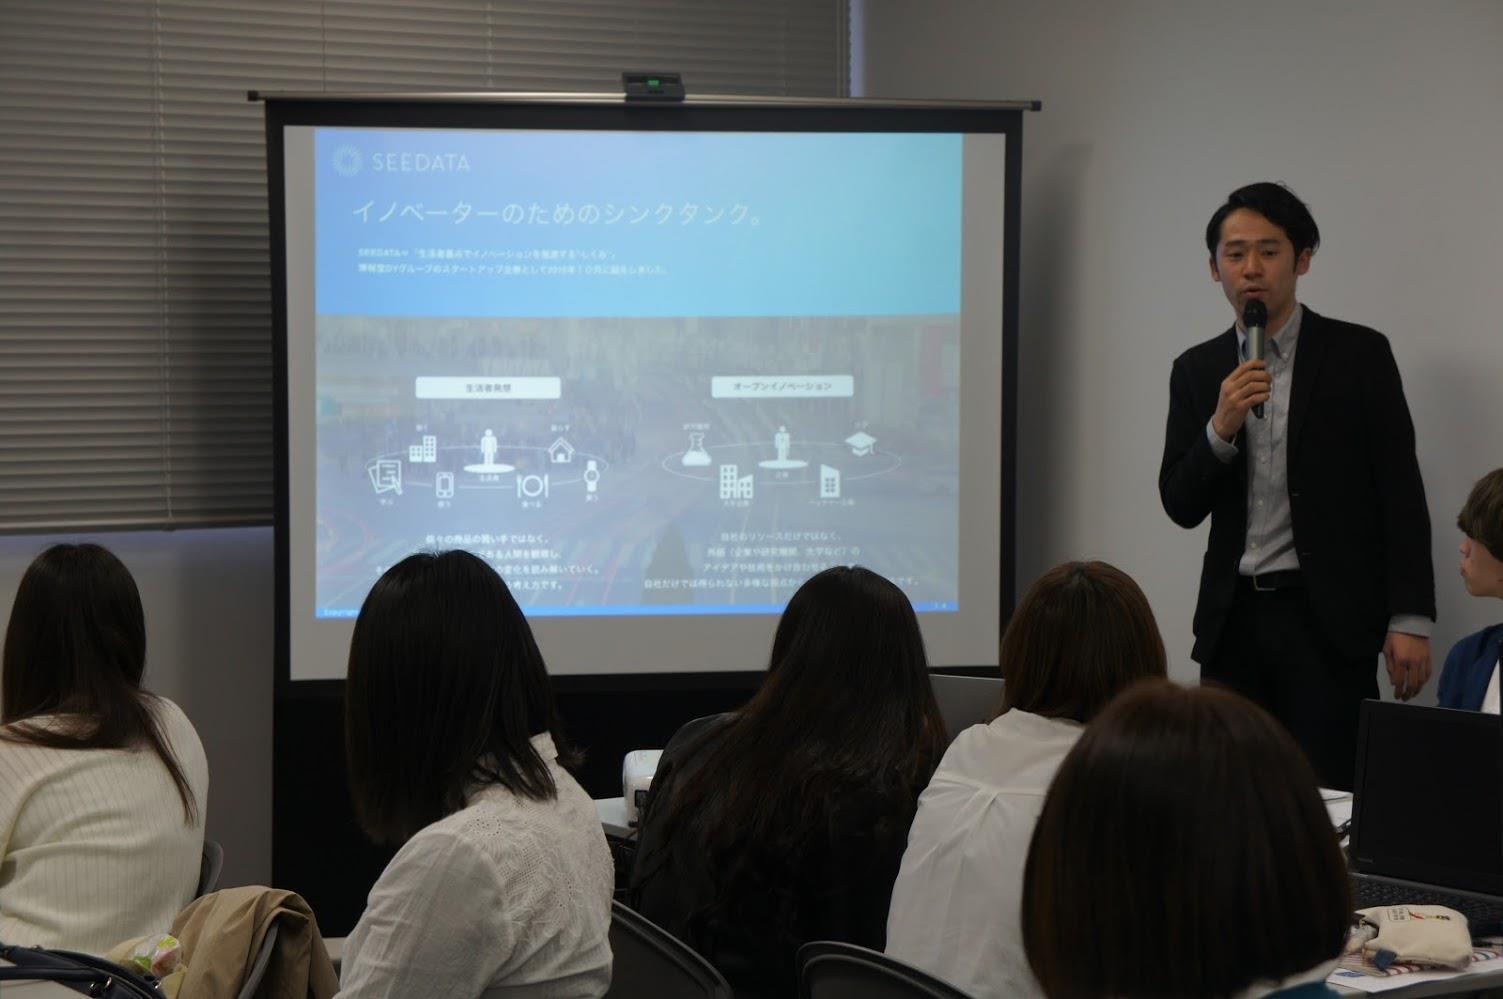 明星大学経営学部伊藤ゼミが博報堂グループのSEEDATAと「未来価値創造ワークショップ」を開催 -- 事業創造力を身に付ける体験教育「Meisei Entrepreneurship Program」の一環